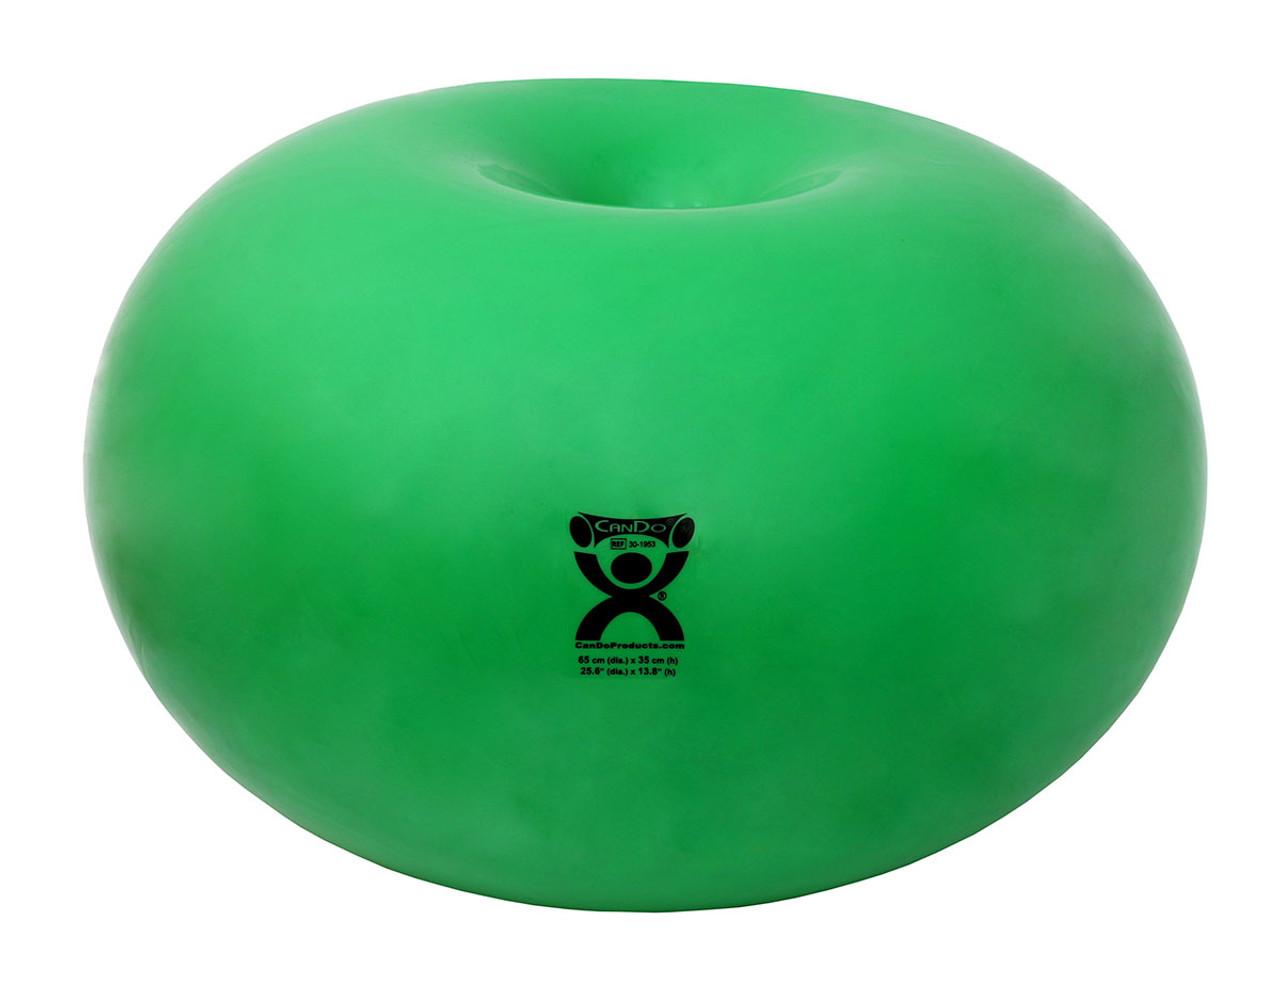 """CanDo¨ Donut Ball - Green - 26"""" Dia x 14"""" H (65 cm Dia x 35 cm H)"""